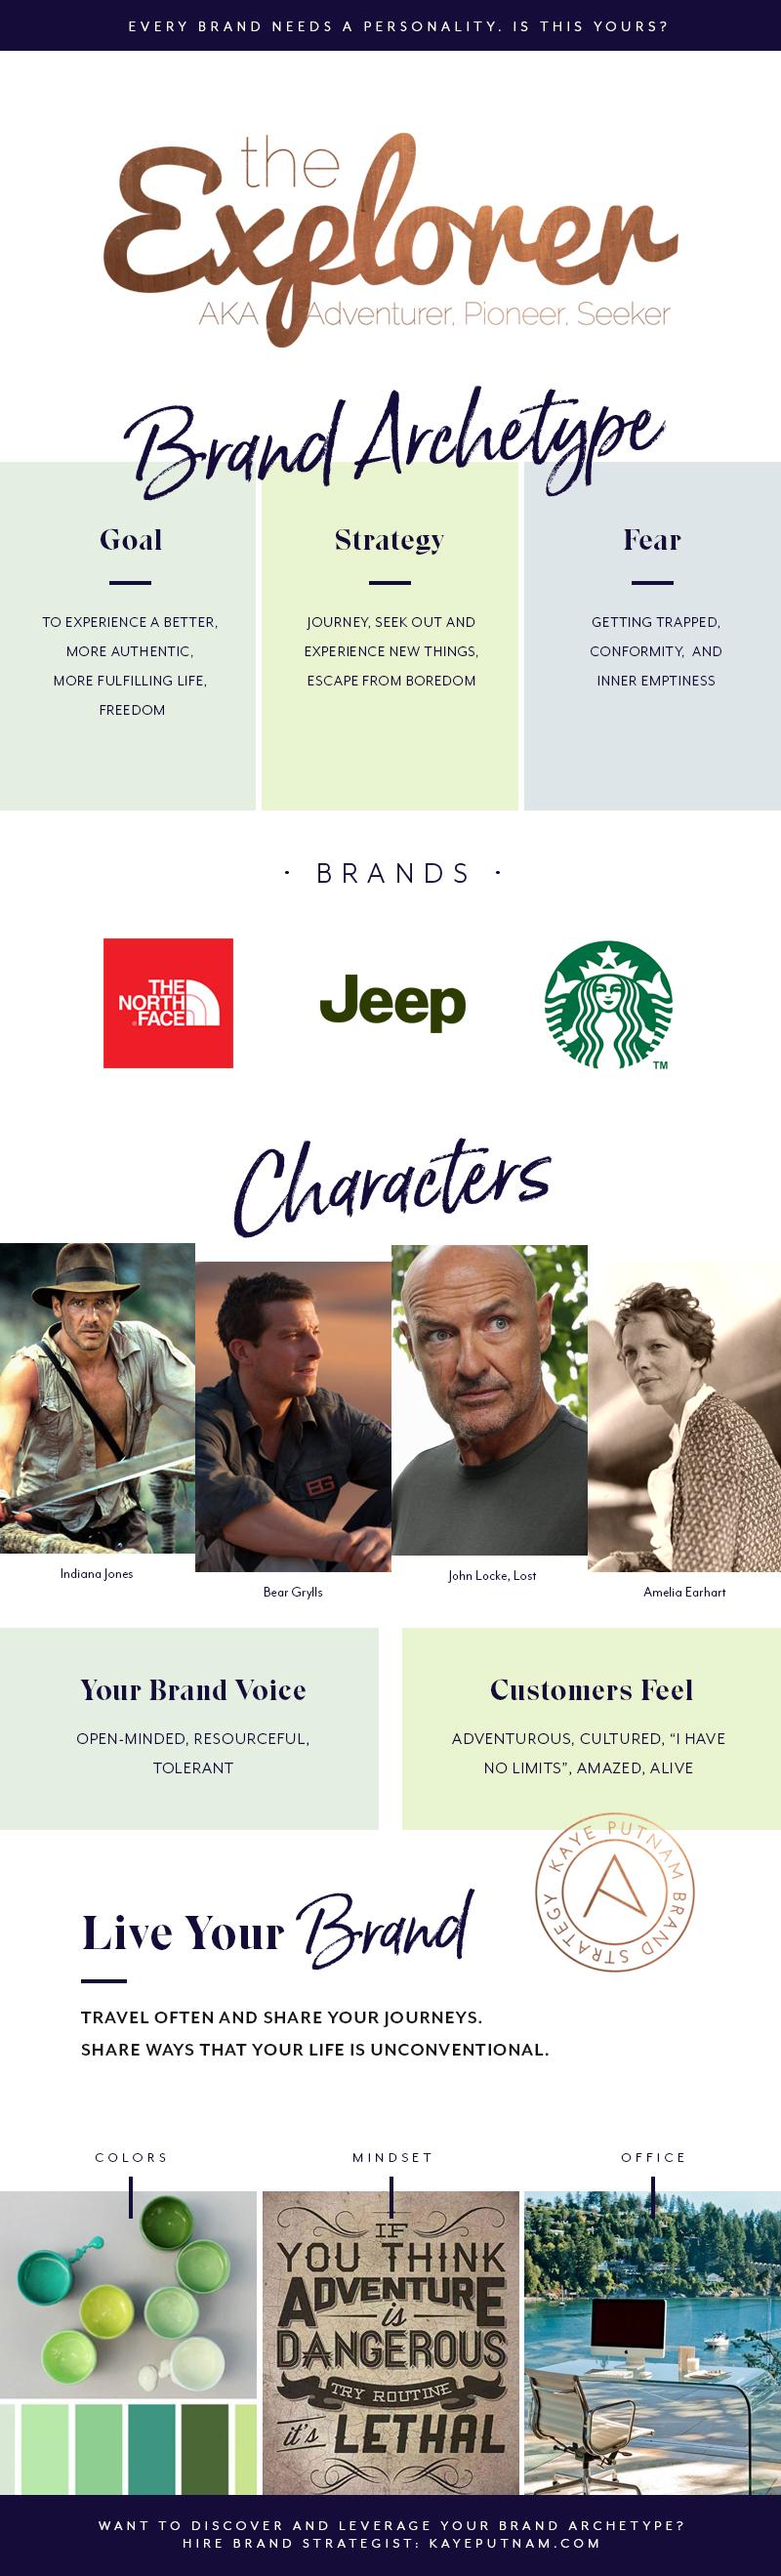 Explorer Brand Archetype Infographic